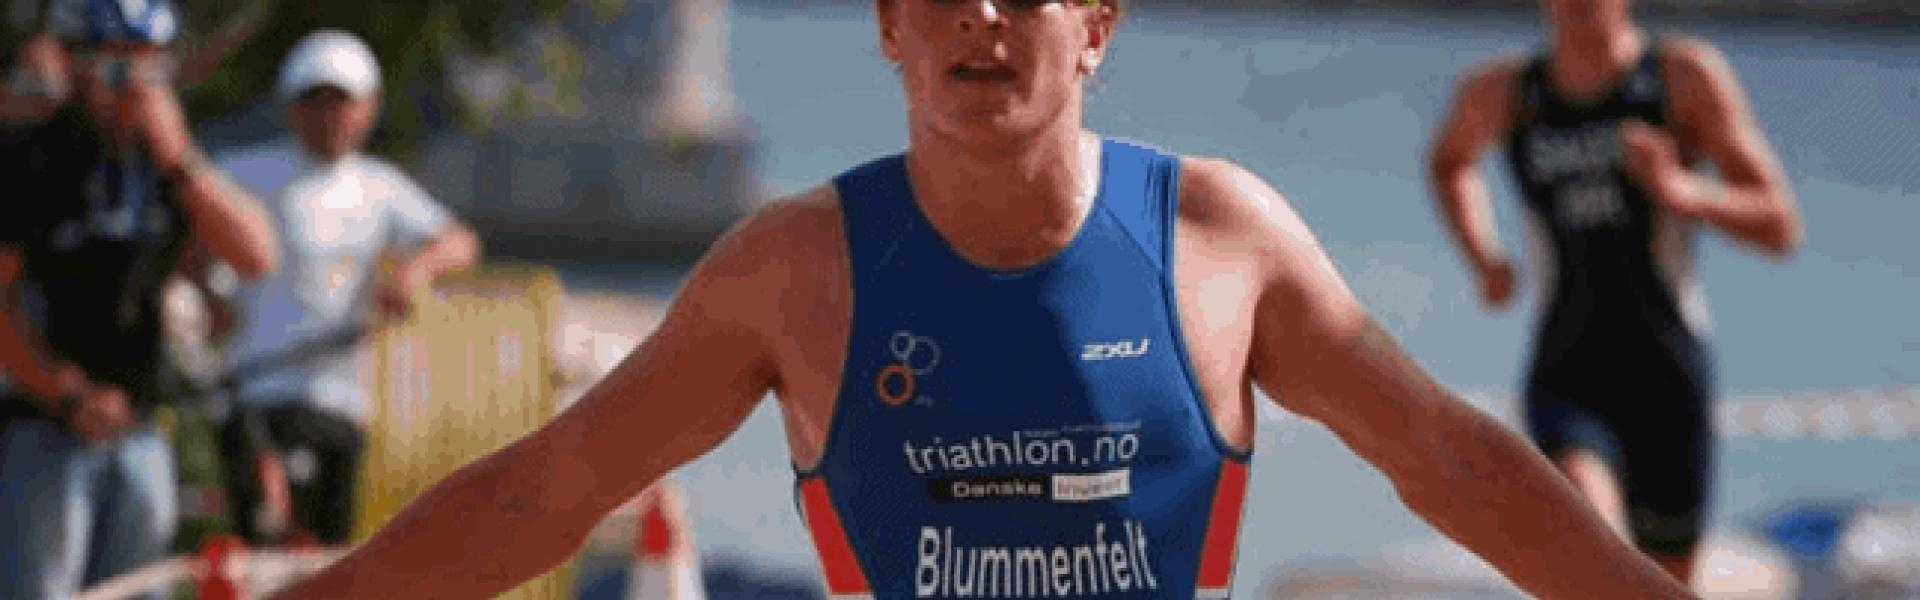 Runner - finish line